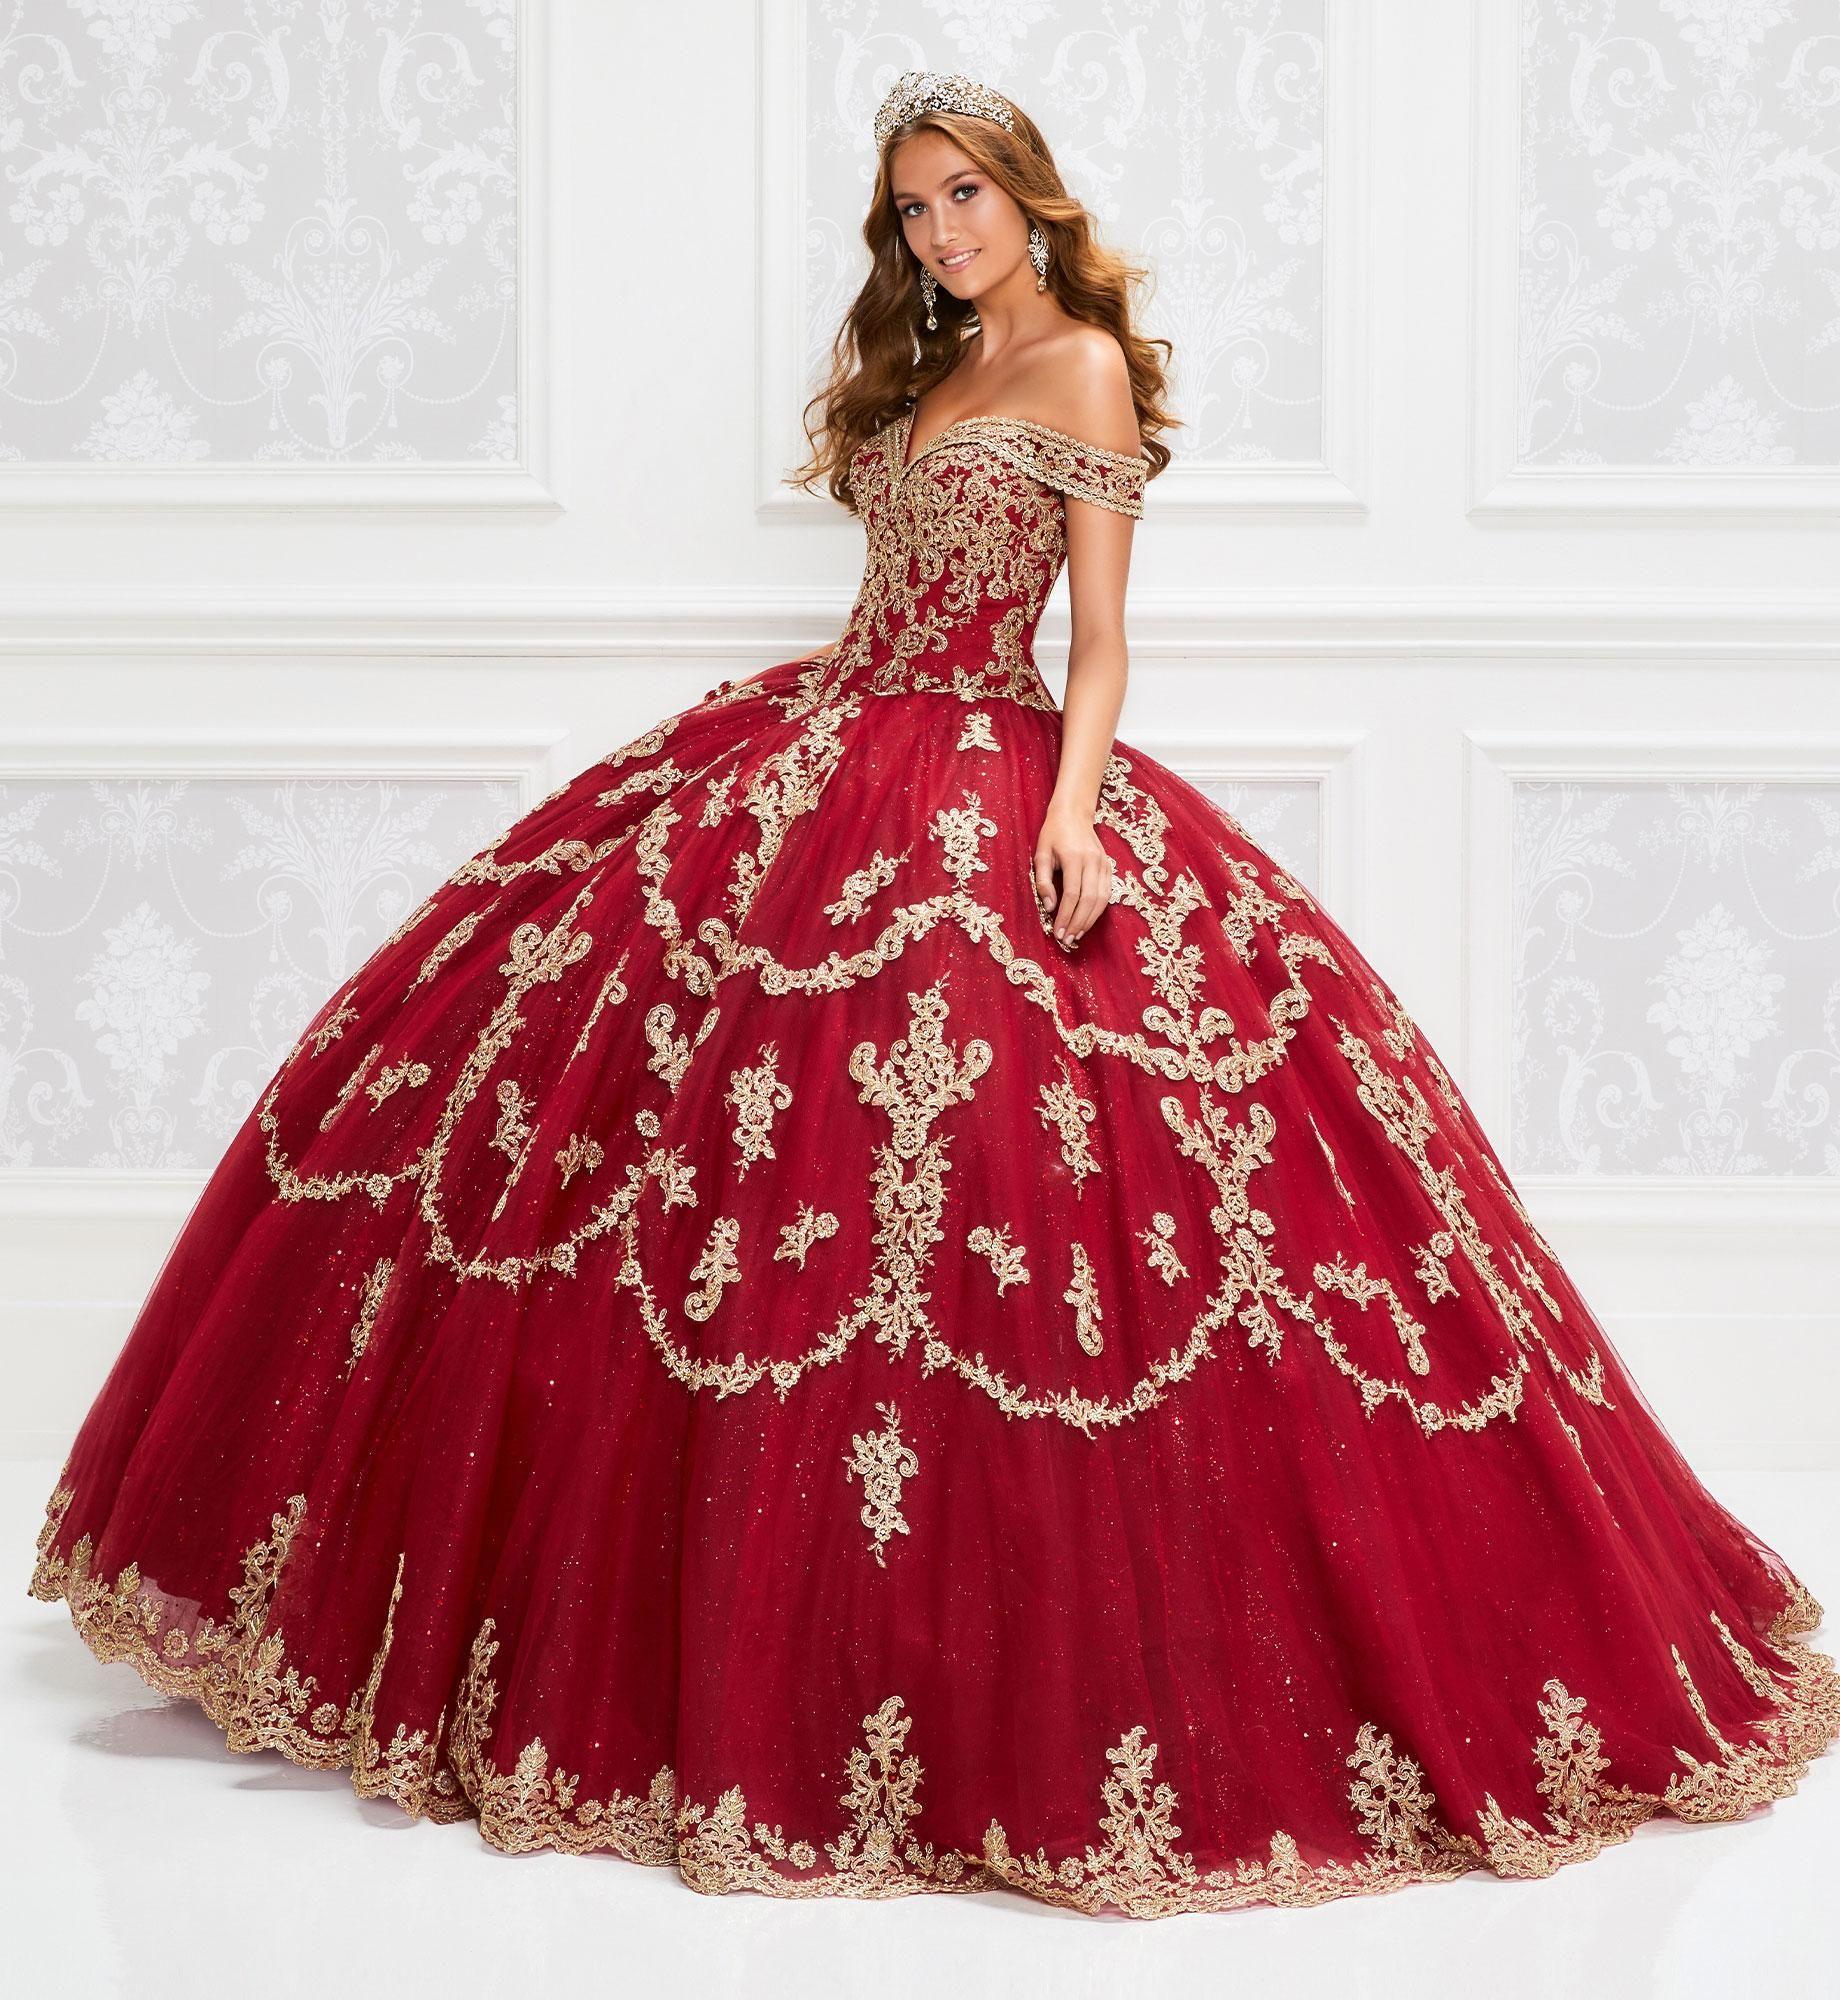 Faíscas vermelhos Renda Vestidos Quinceanera 2020 fora do ombro ouro Applique vestido de baile até o chão Prom Dress Vestido De Festa doce 16 Vestido